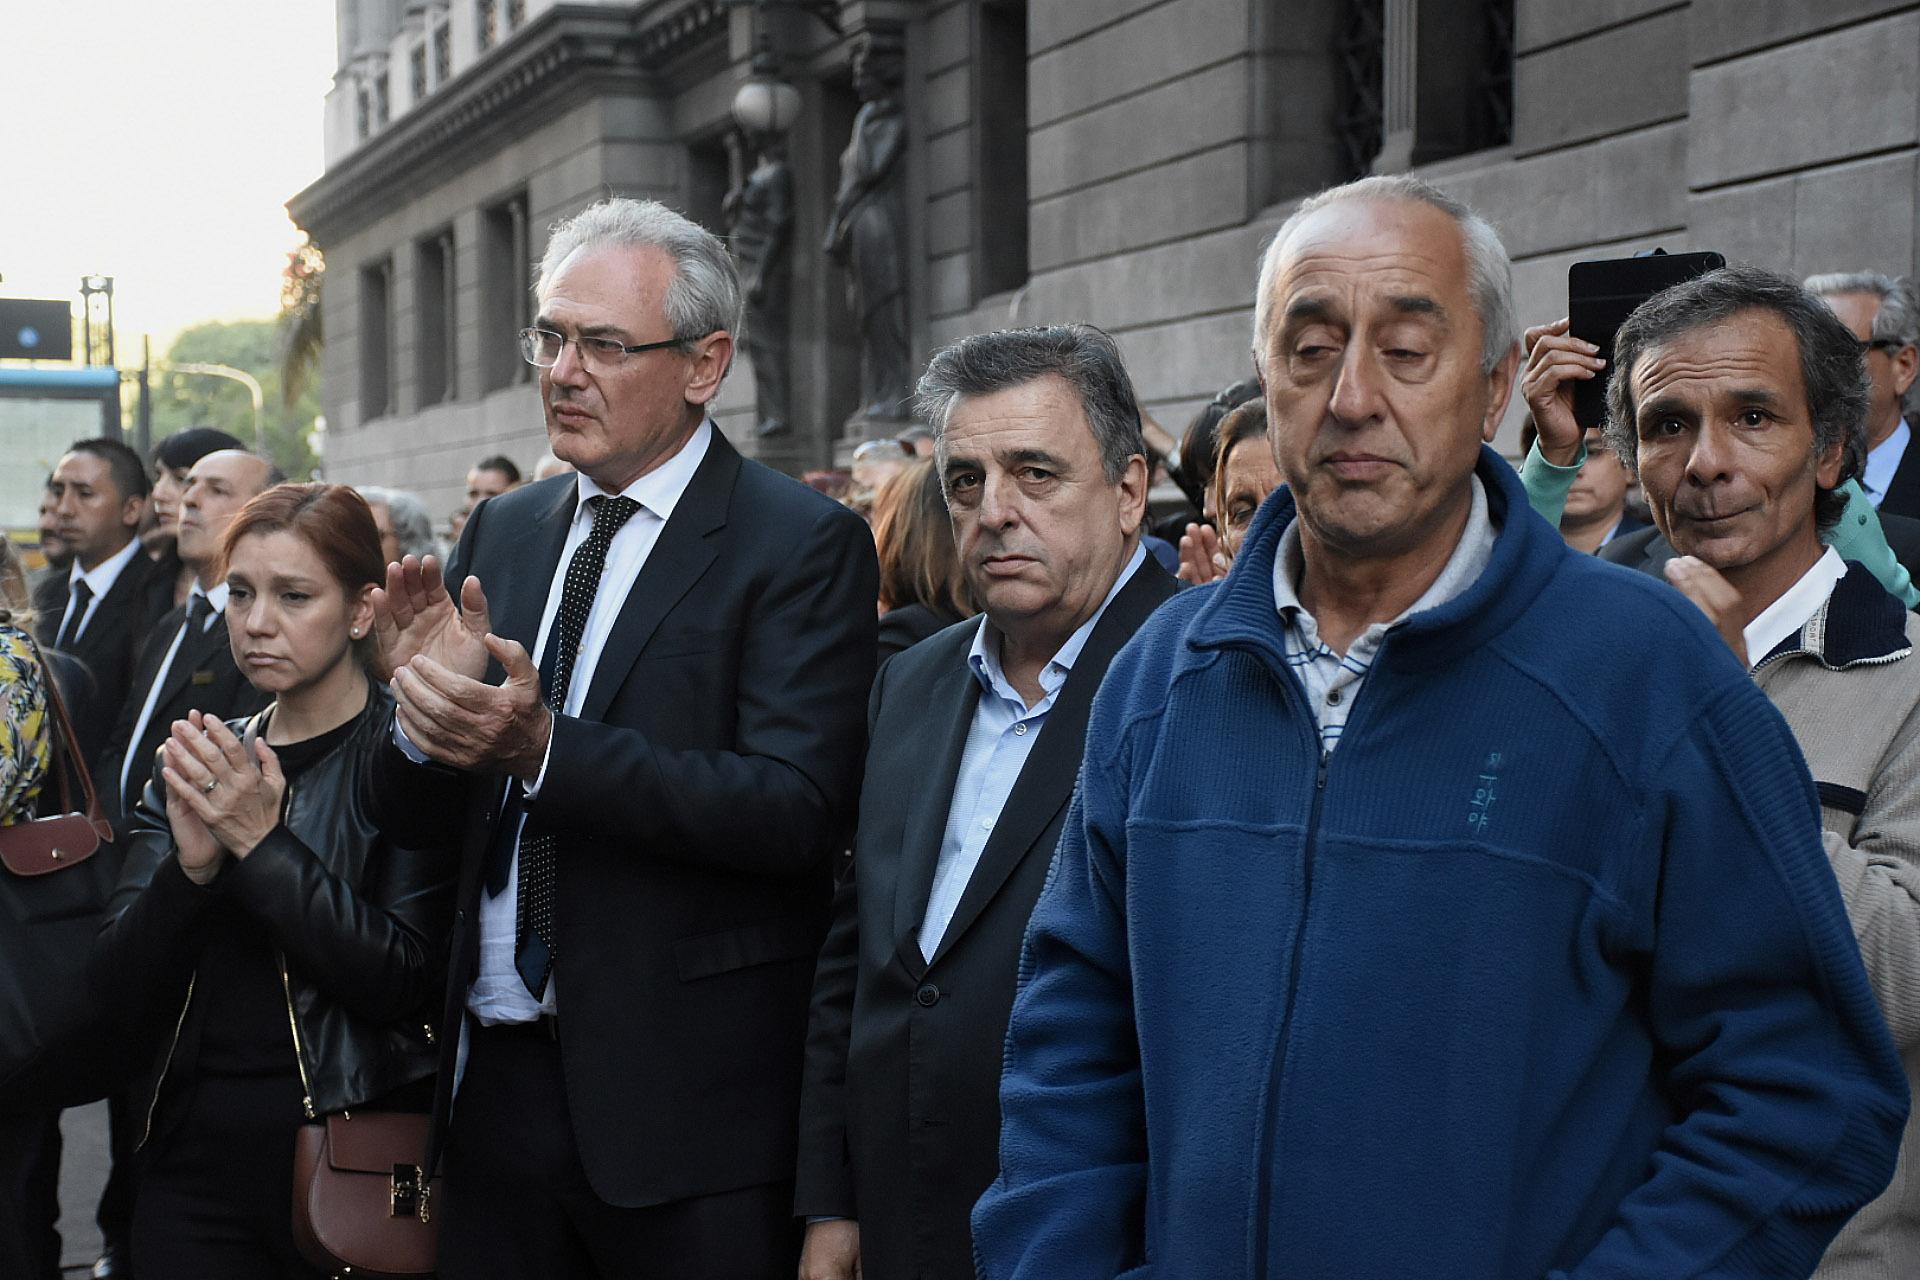 Legisladores y familiares despidieron los restos del diputado Olivares